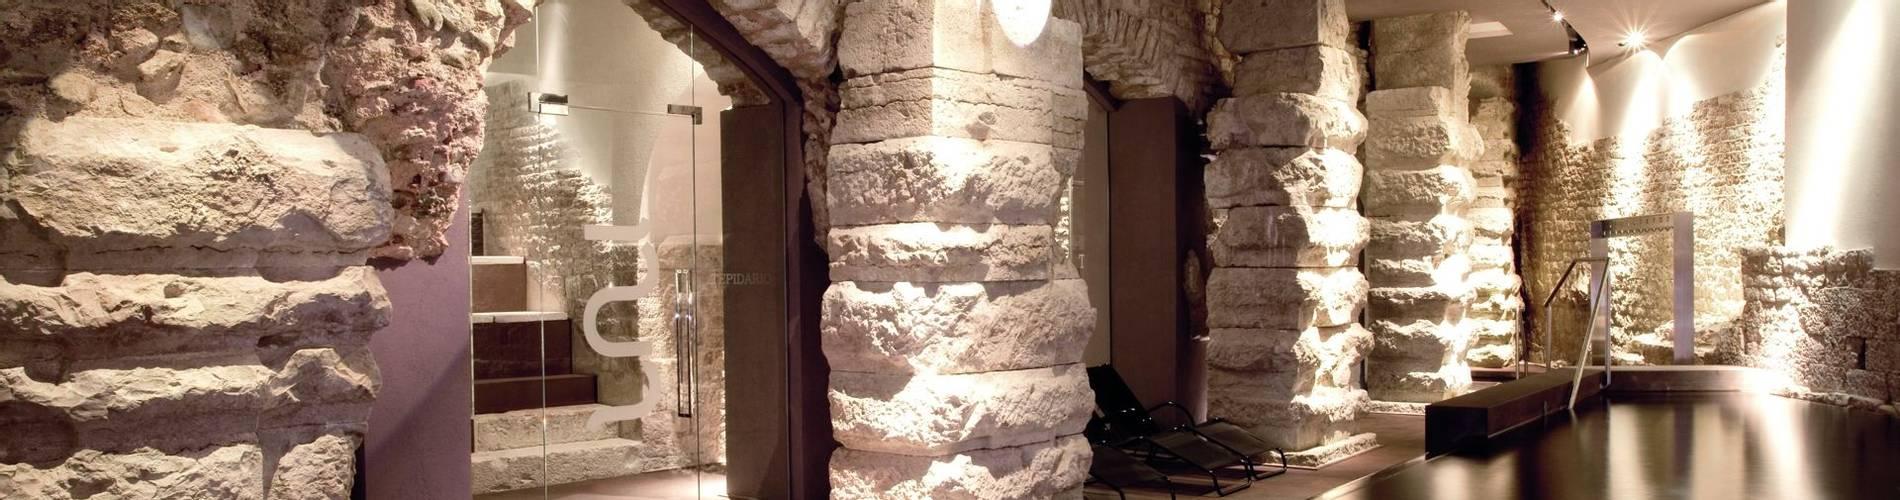 Nun Spa Museum (4).jpg